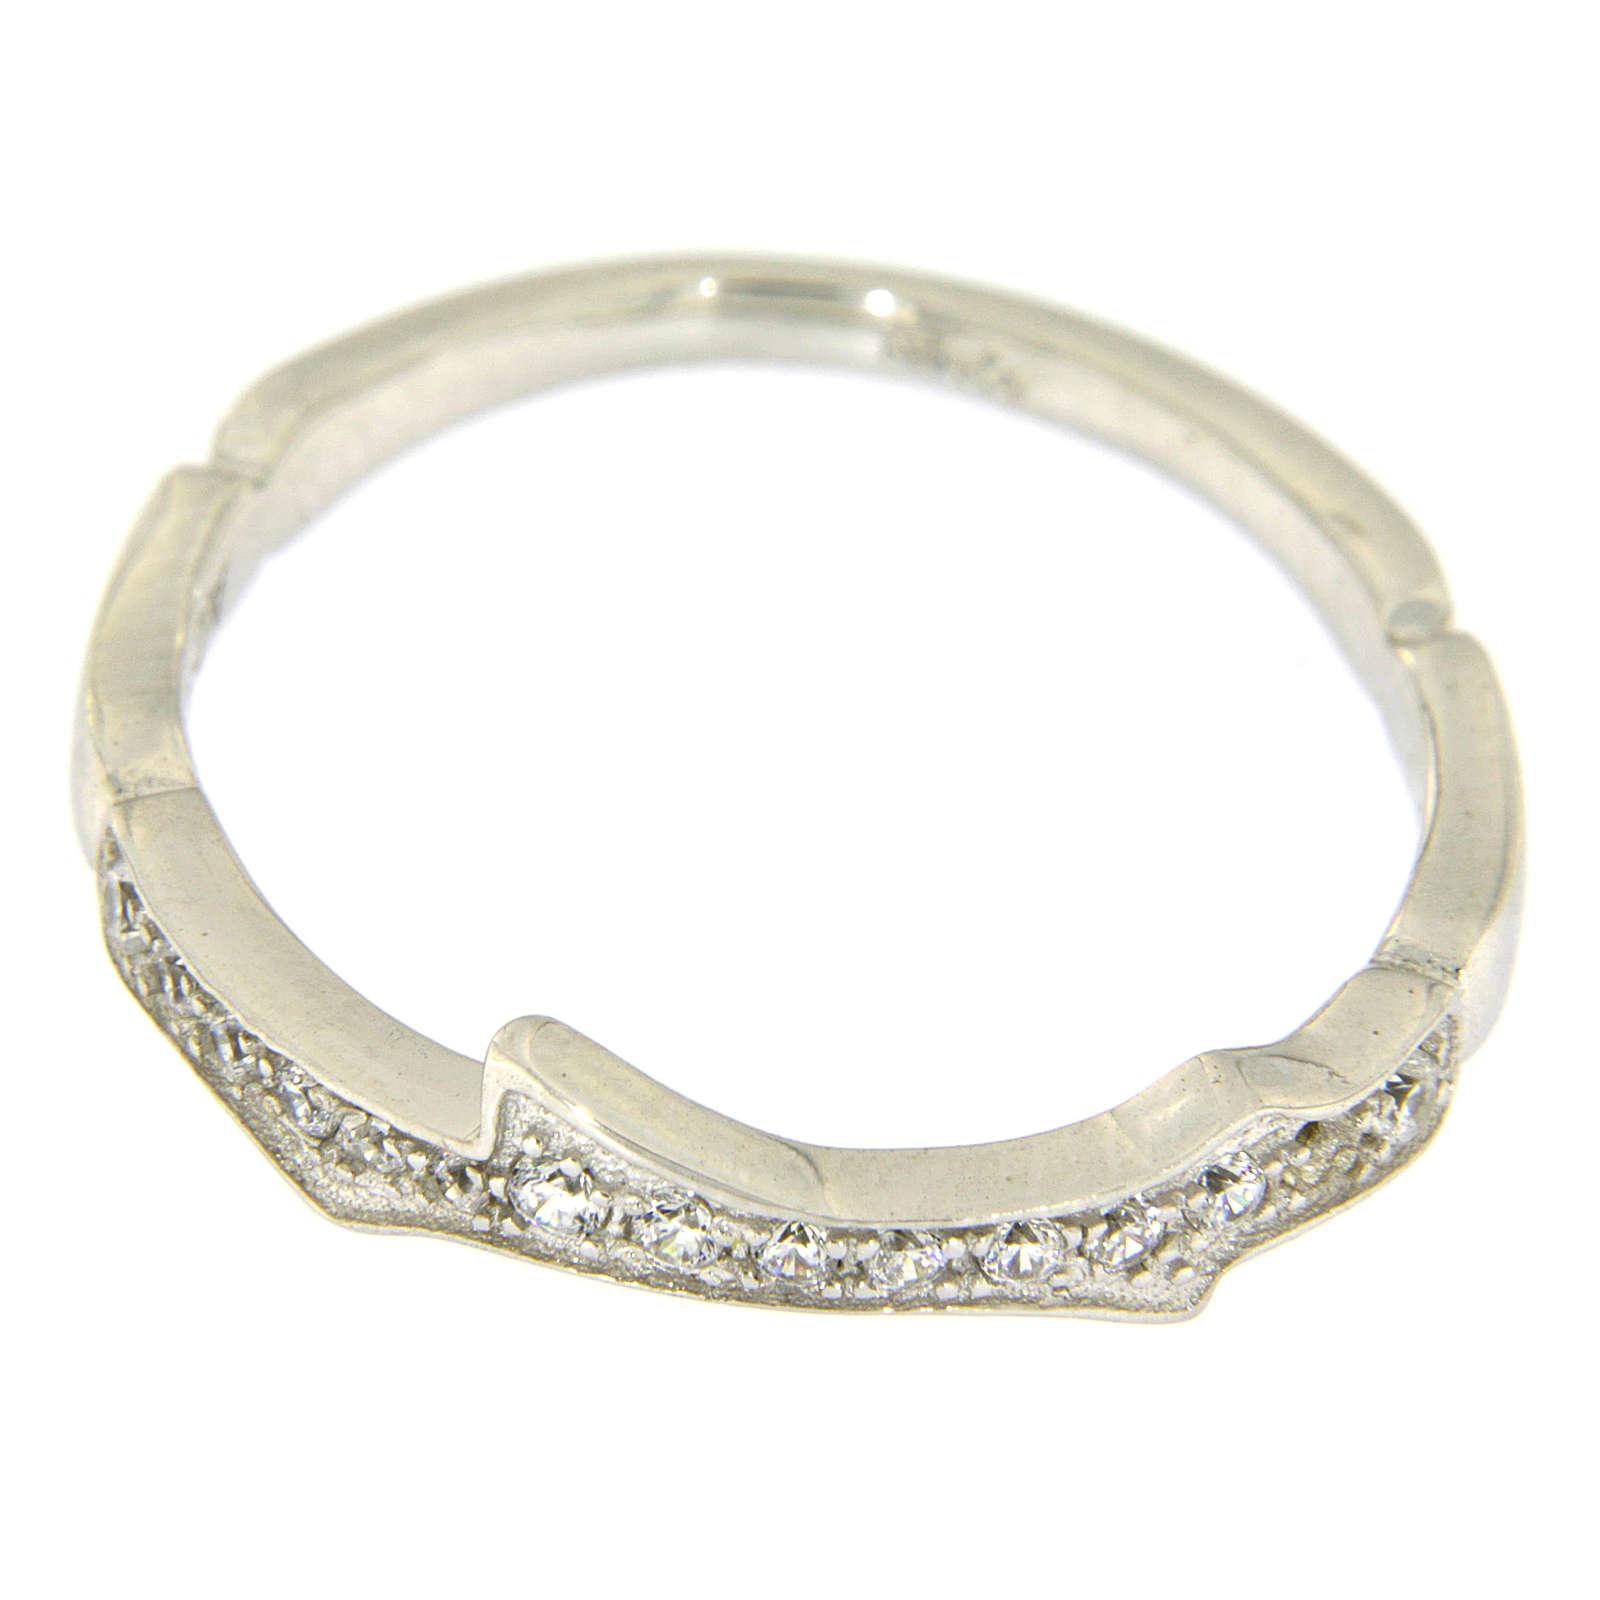 Anel AMEN prata 925 ródio e zircões brancos 3